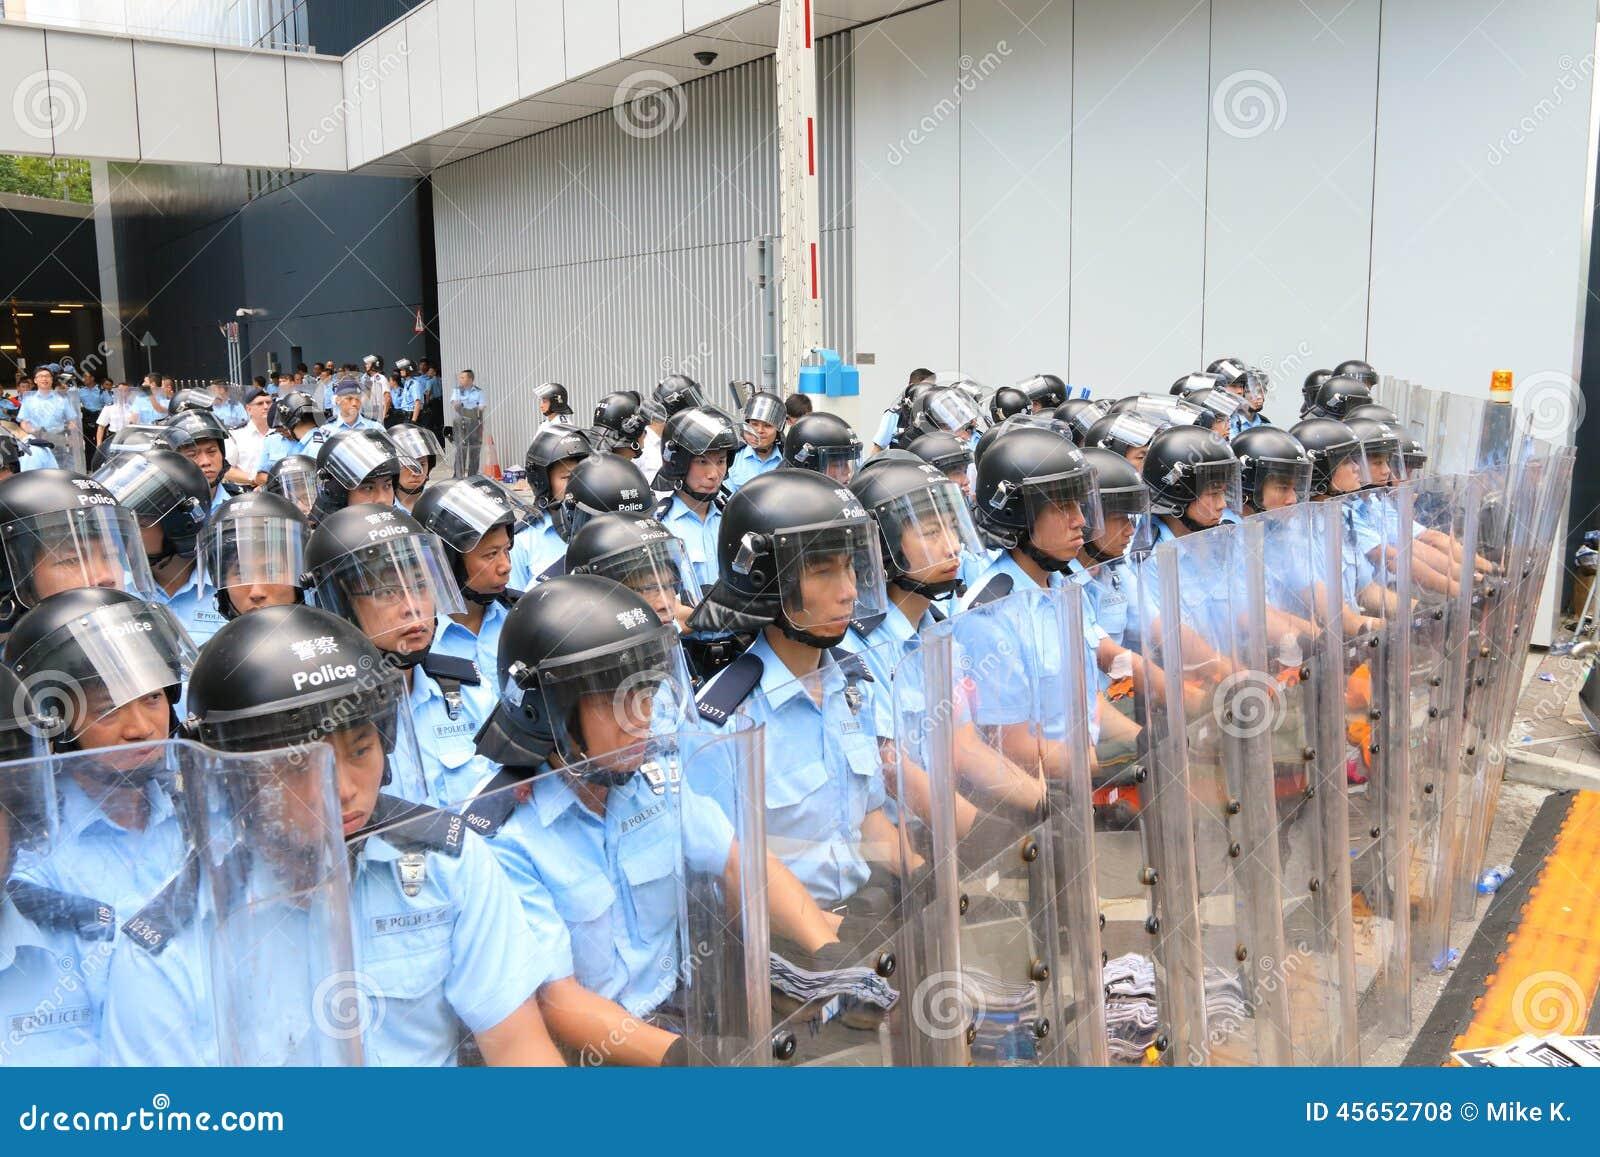 Scholarism